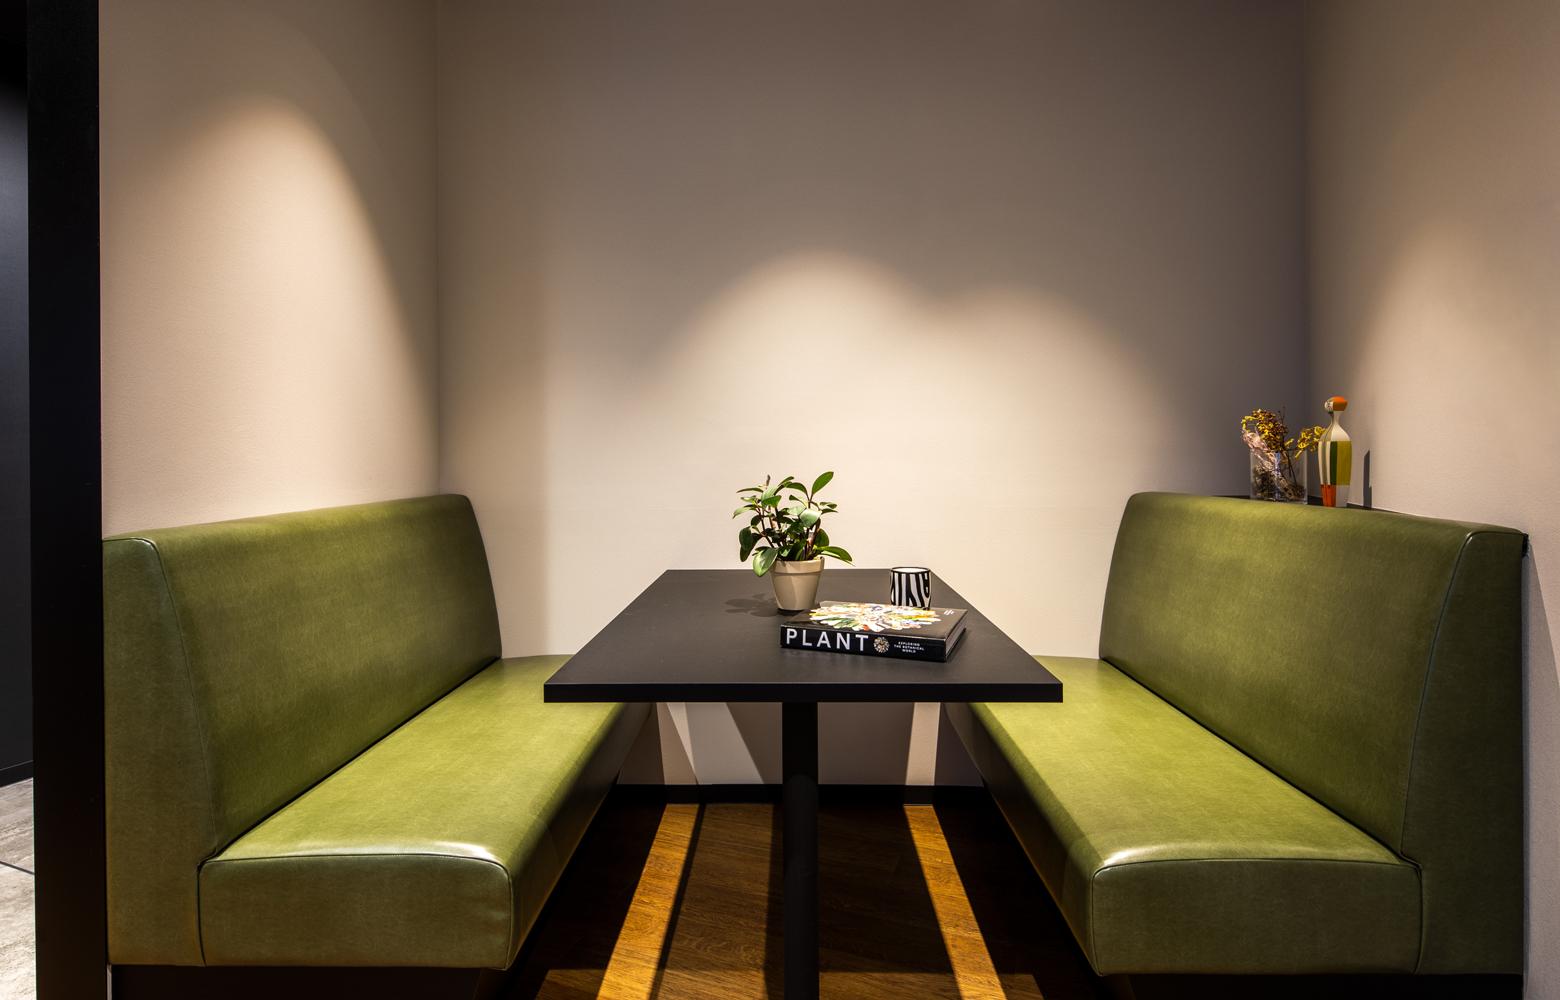 ロブソン株式会社 Meeting Booth デザイン・レイアウト事例